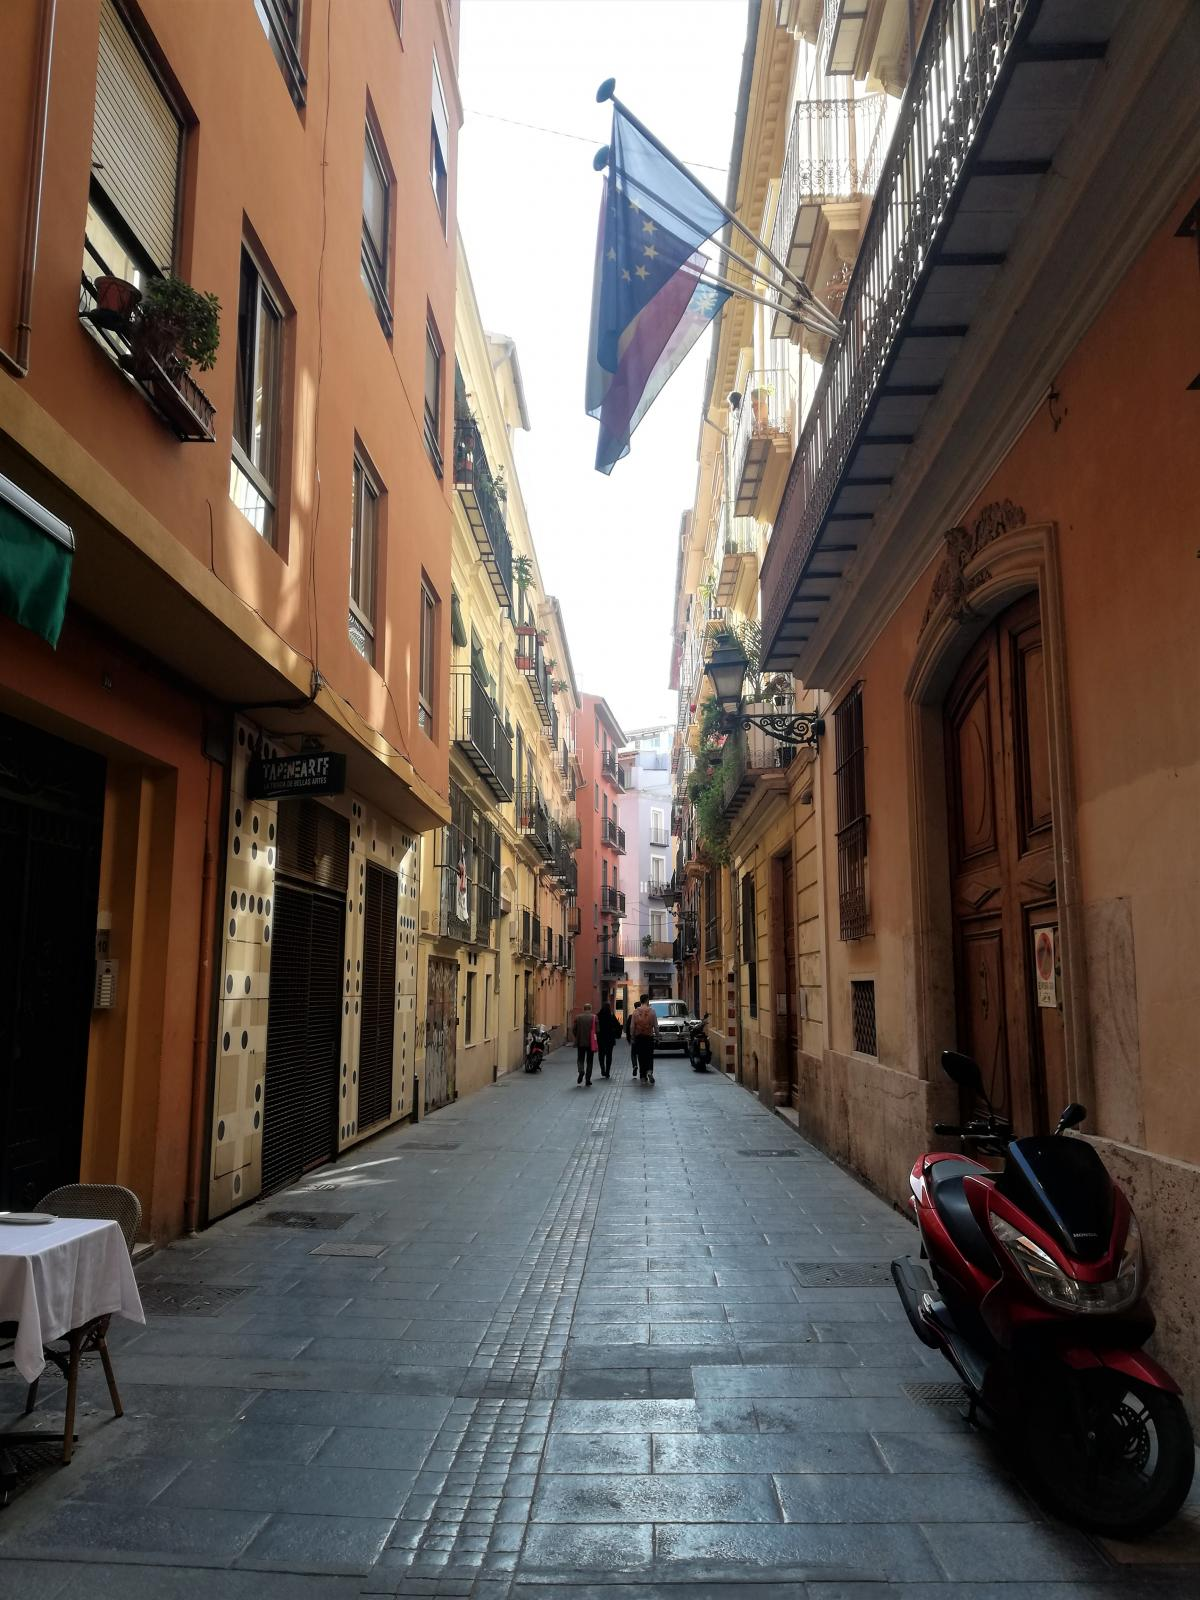 Валенсия хоть и туристический город, но здесь очень уютно / Фото Марина Григоренко